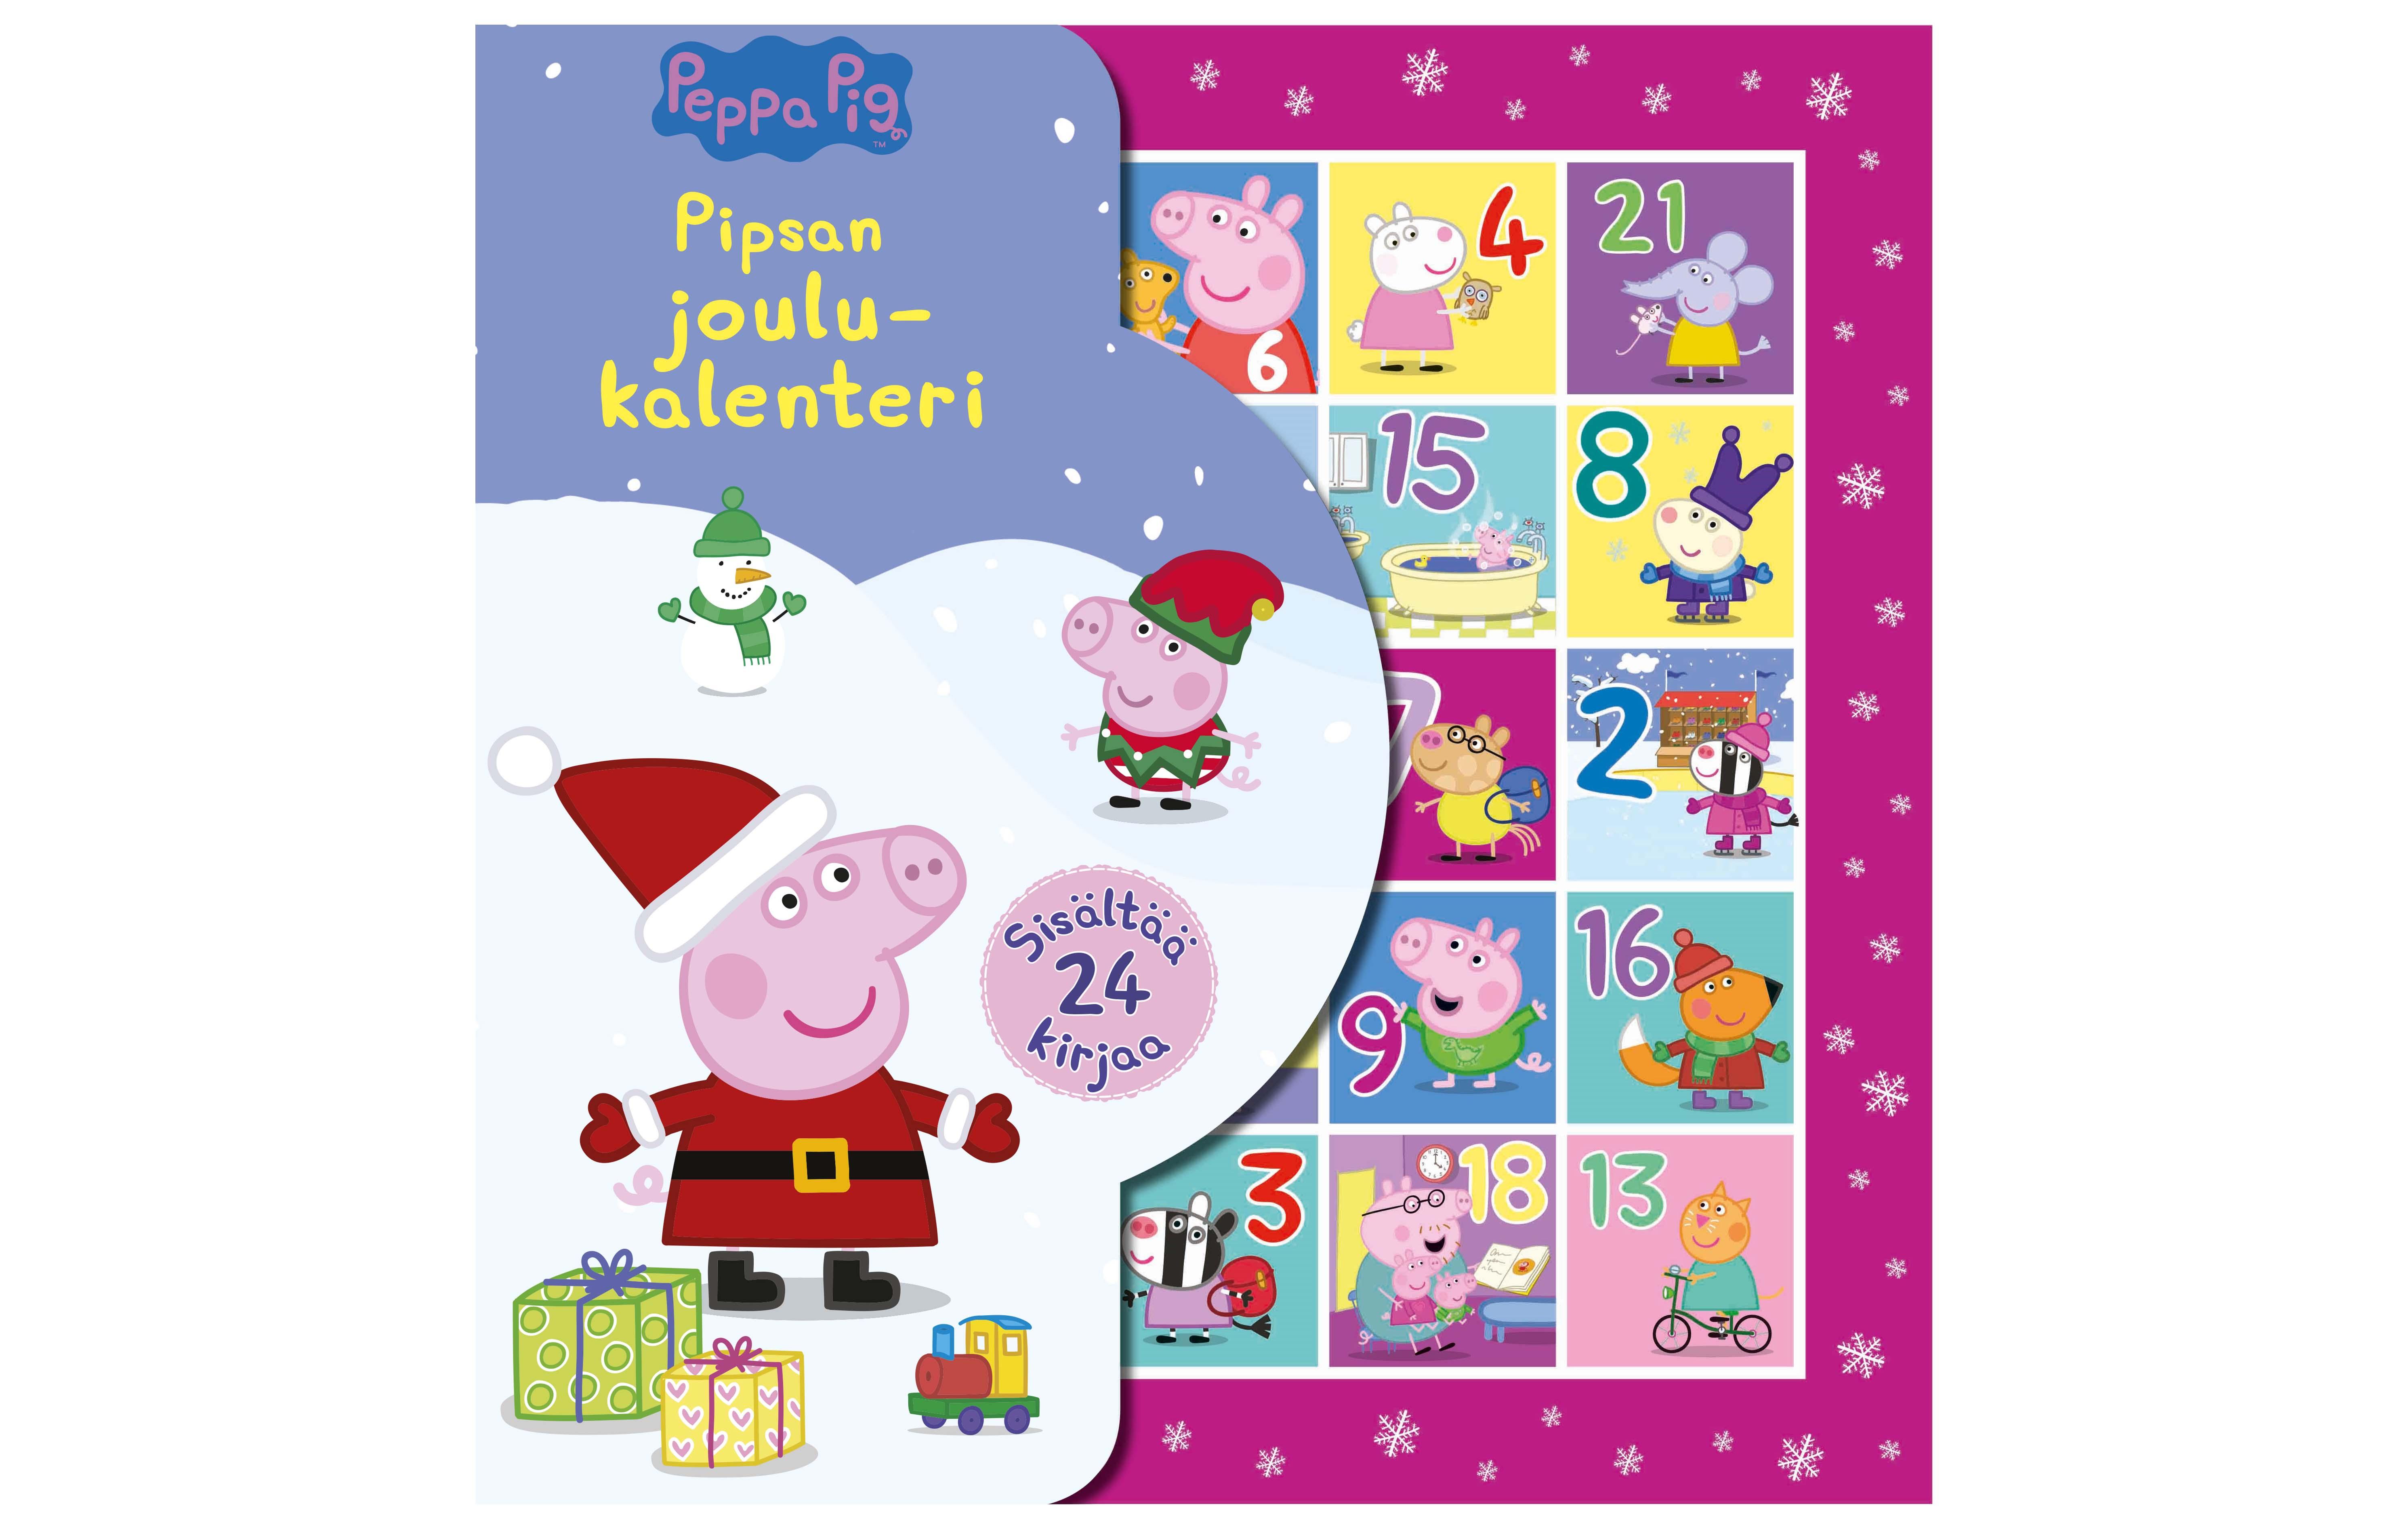 Pipsa Possun joulukalenteri